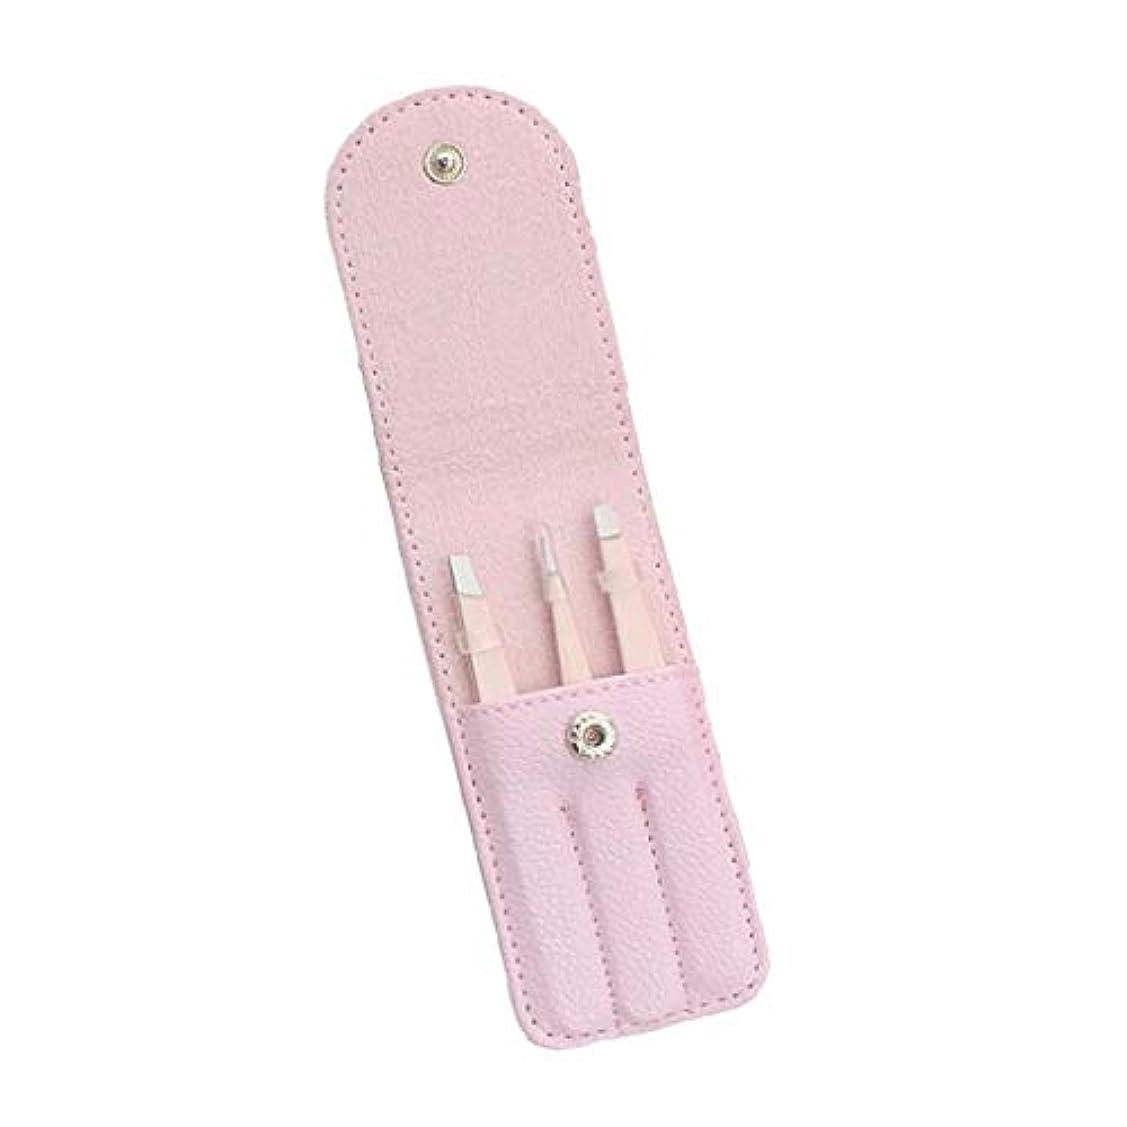 二次裂け目韓国眉毛ピンセット 毛抜き 眉毛クリップ ステンレス鋼 収納バッグ付 プロ用 家庭用 3個 全4色 - ピンク